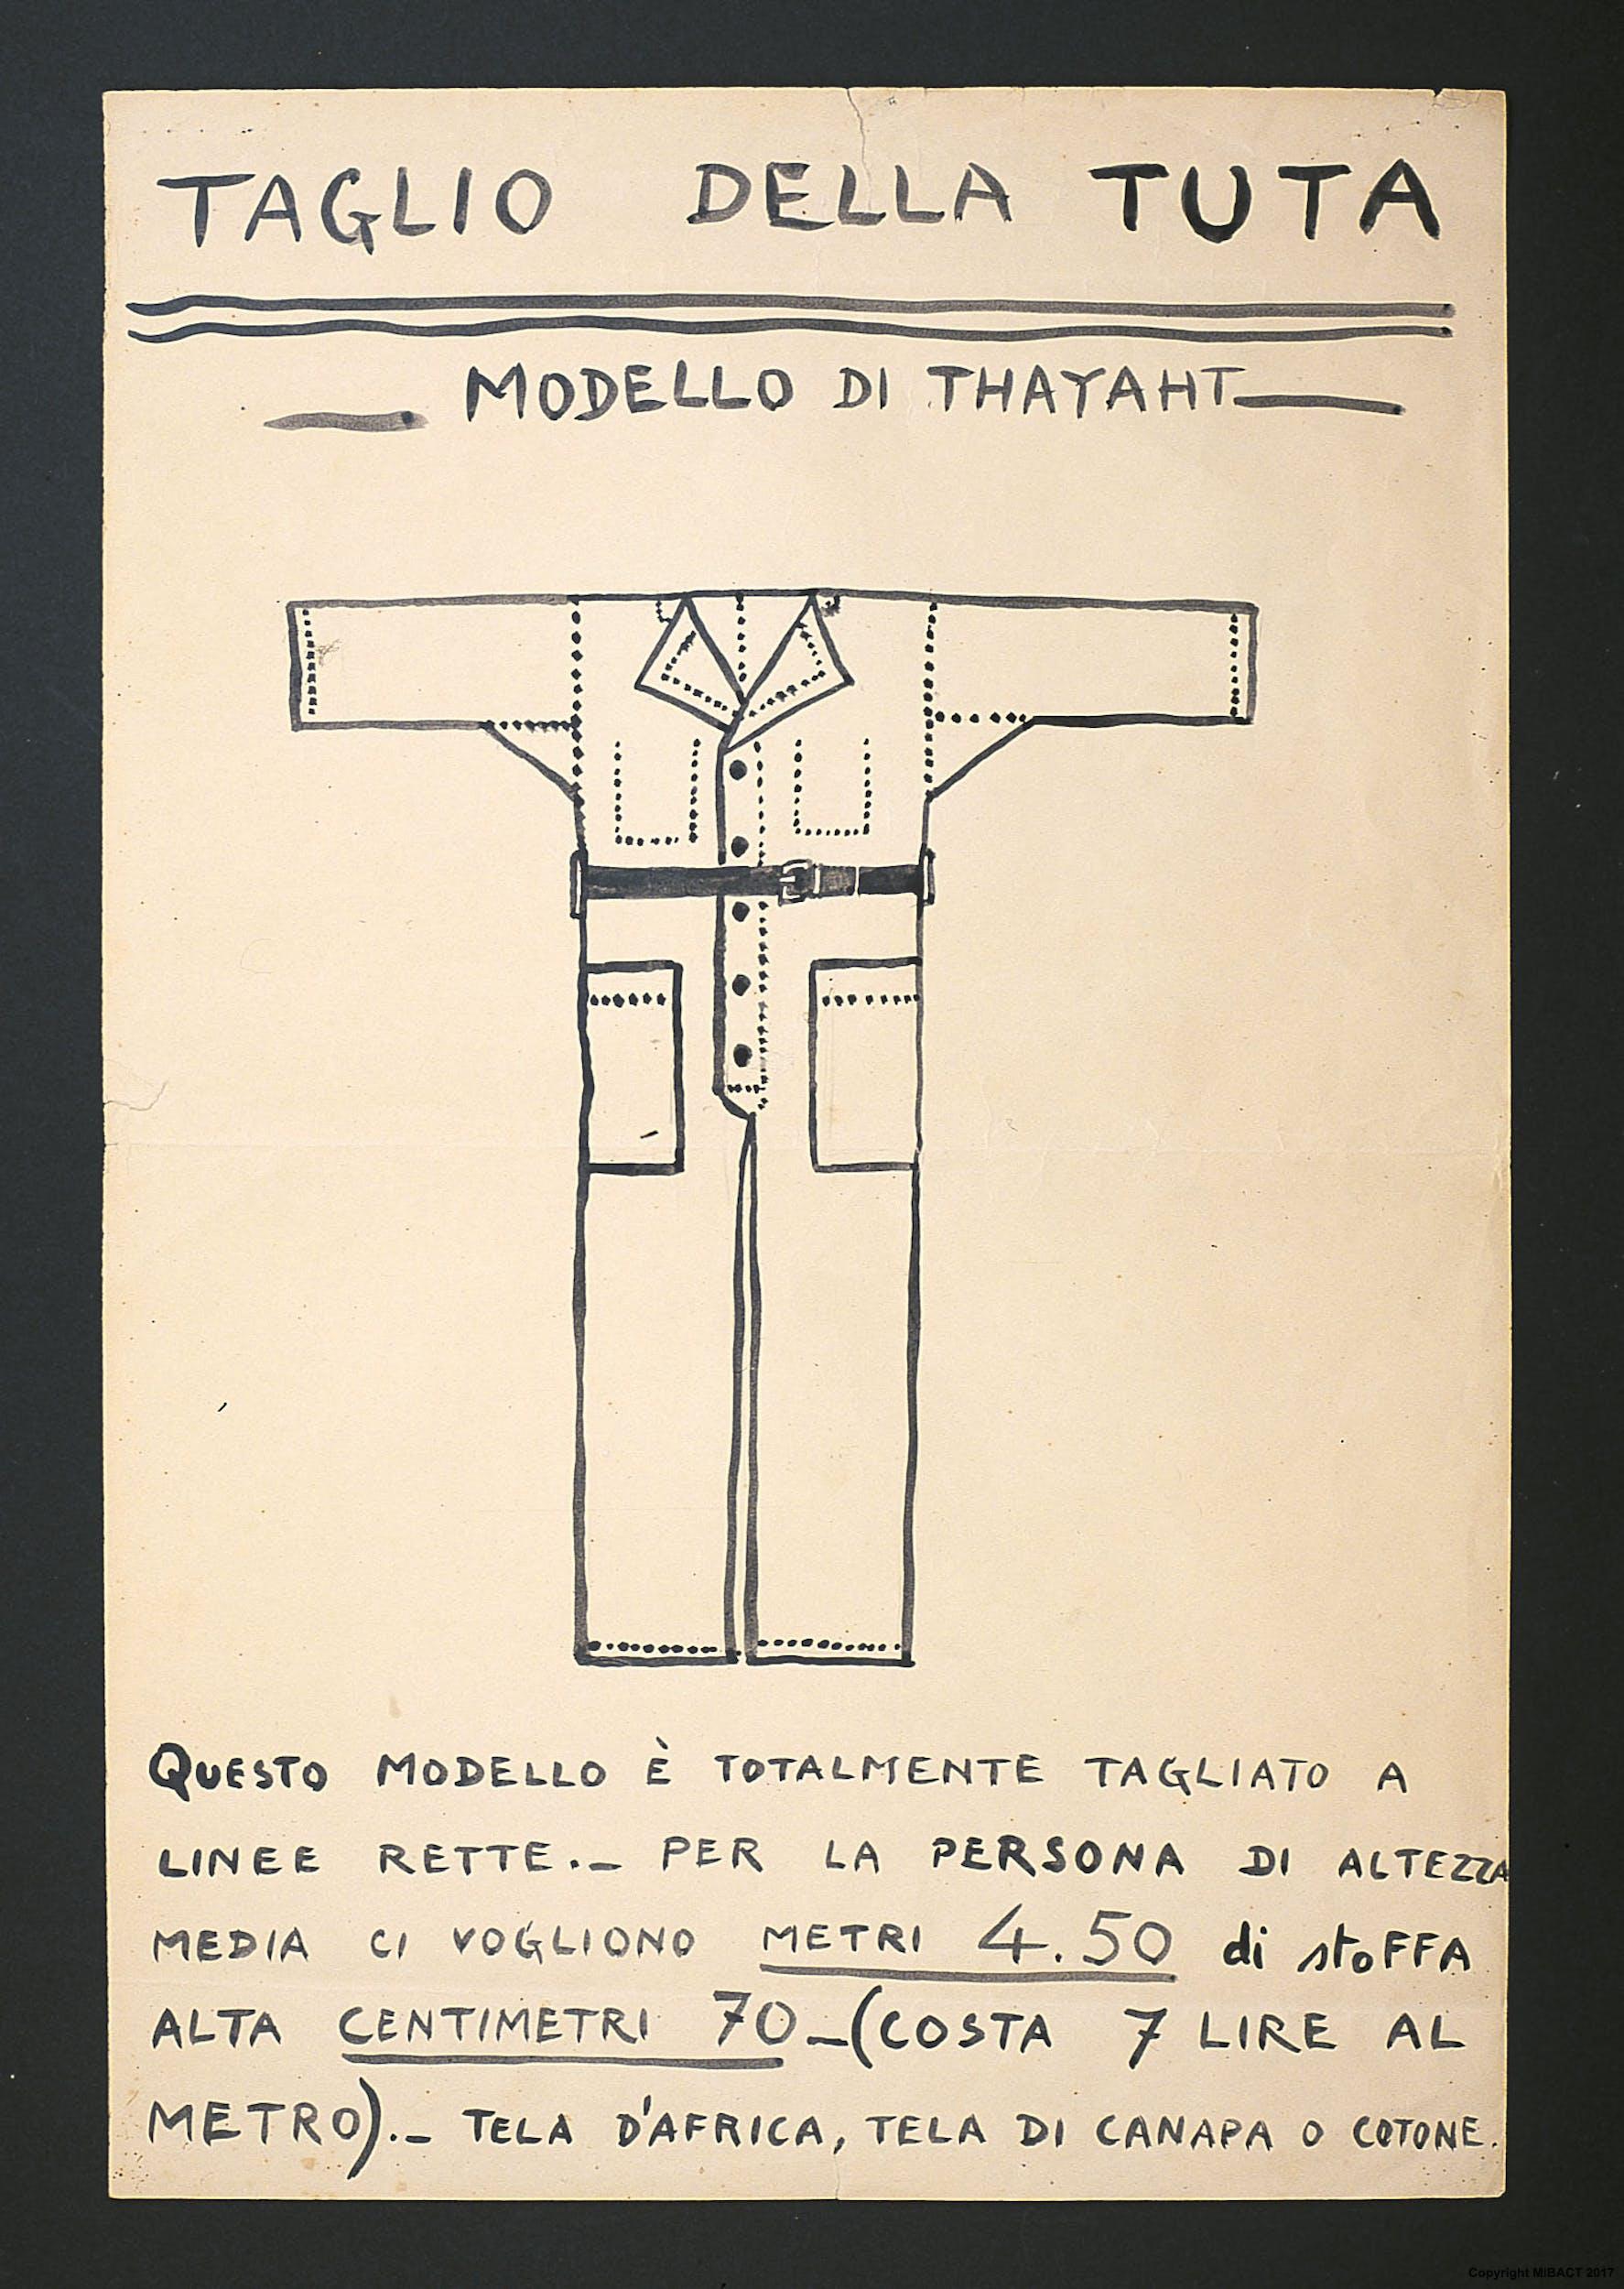 Thayaht, Taglio della Tuta, 1920 ca., tempera su carta, 60,5 x 40 cm